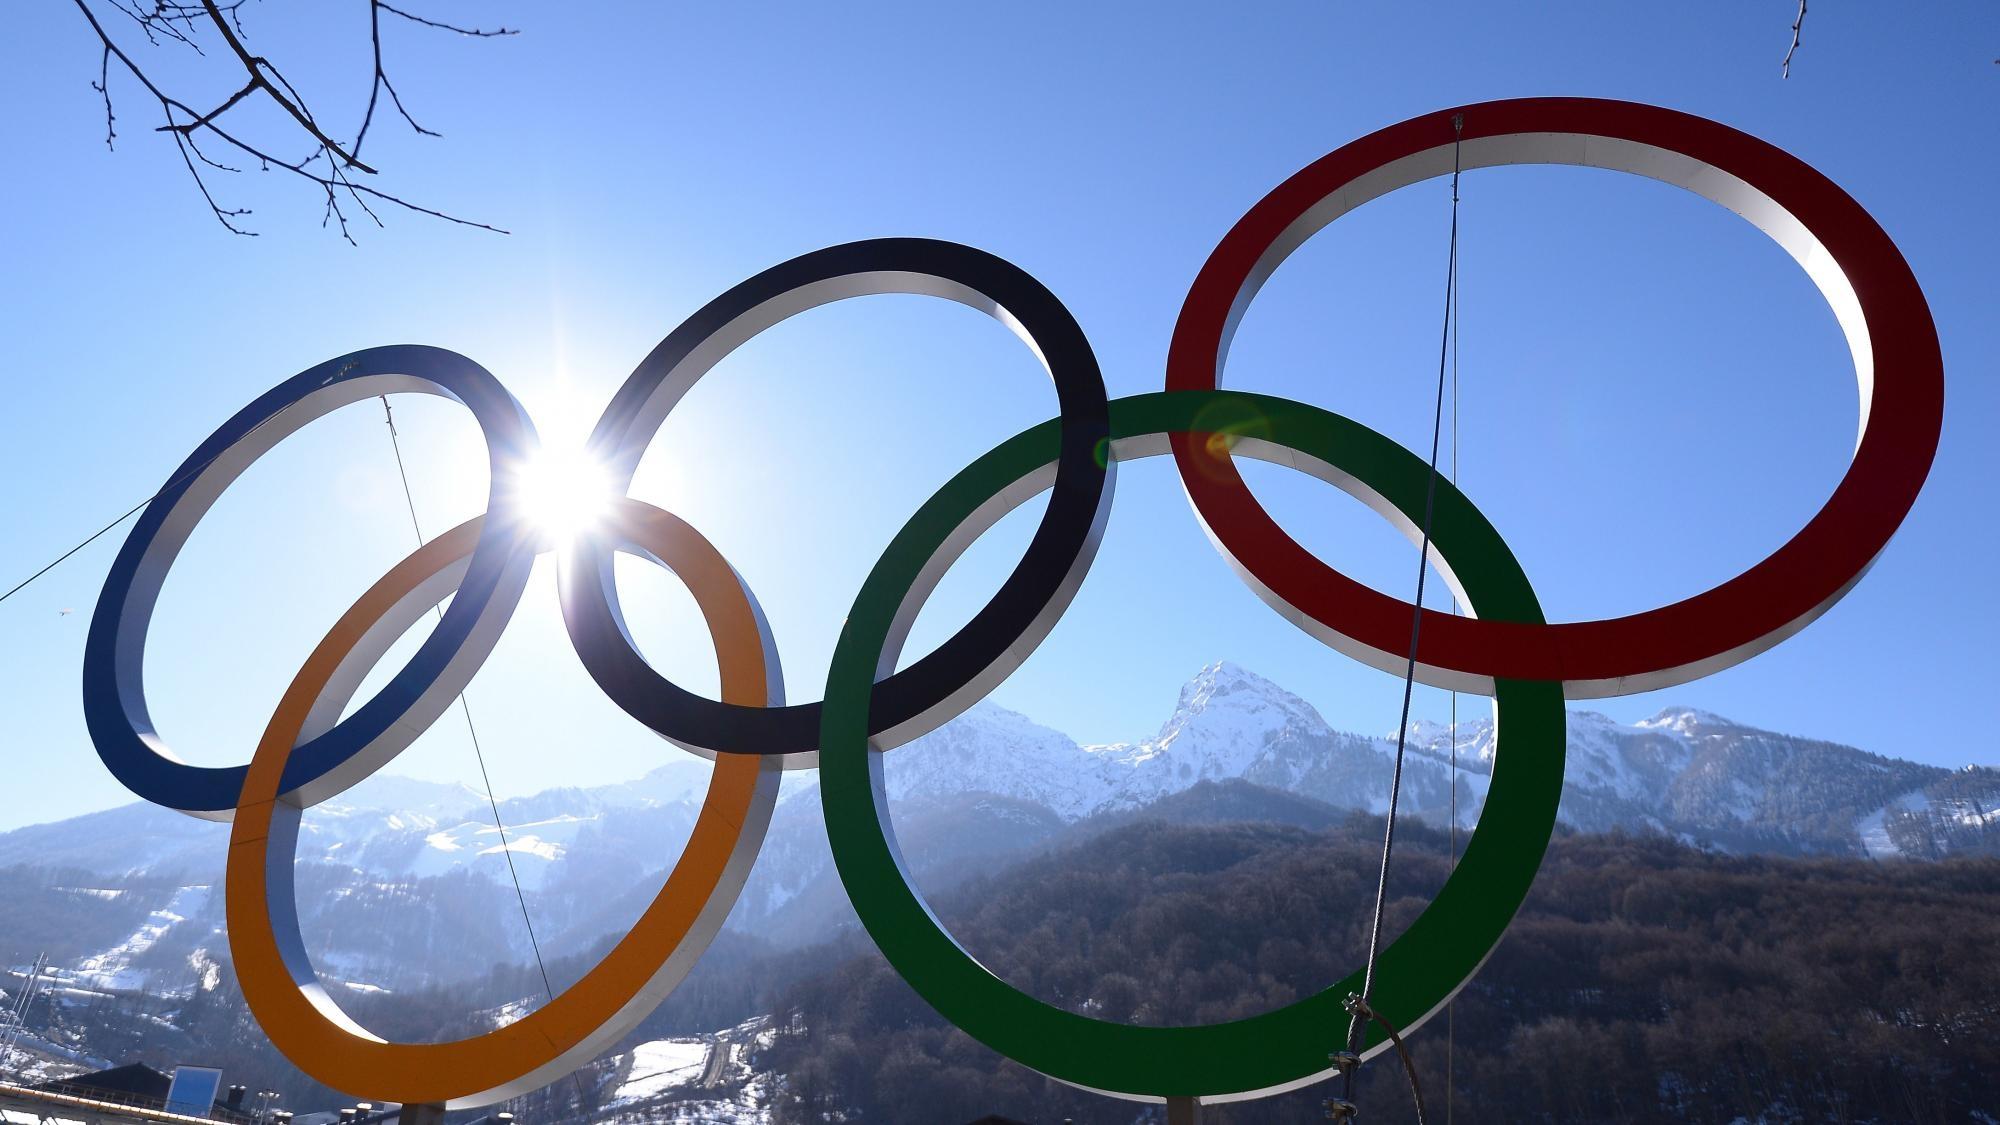 Международный олимпийский комитет иMcDonald's закончили сотрудничество